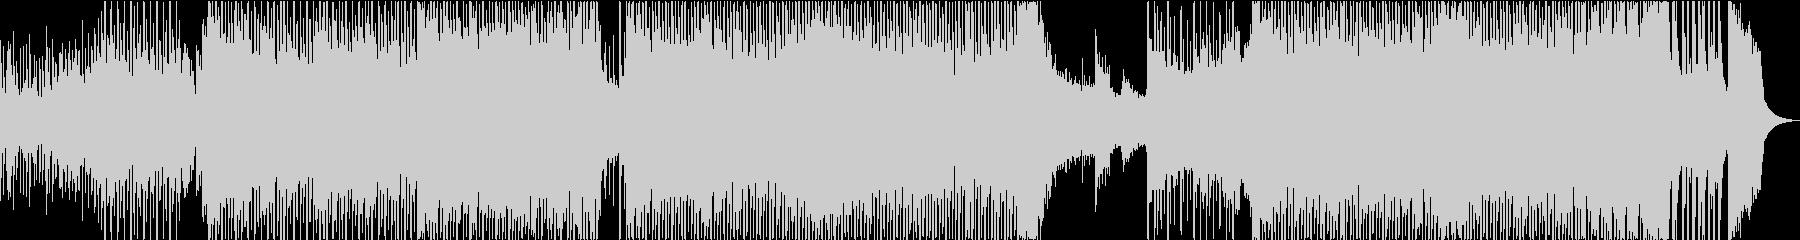 和楽器EDMの未再生の波形